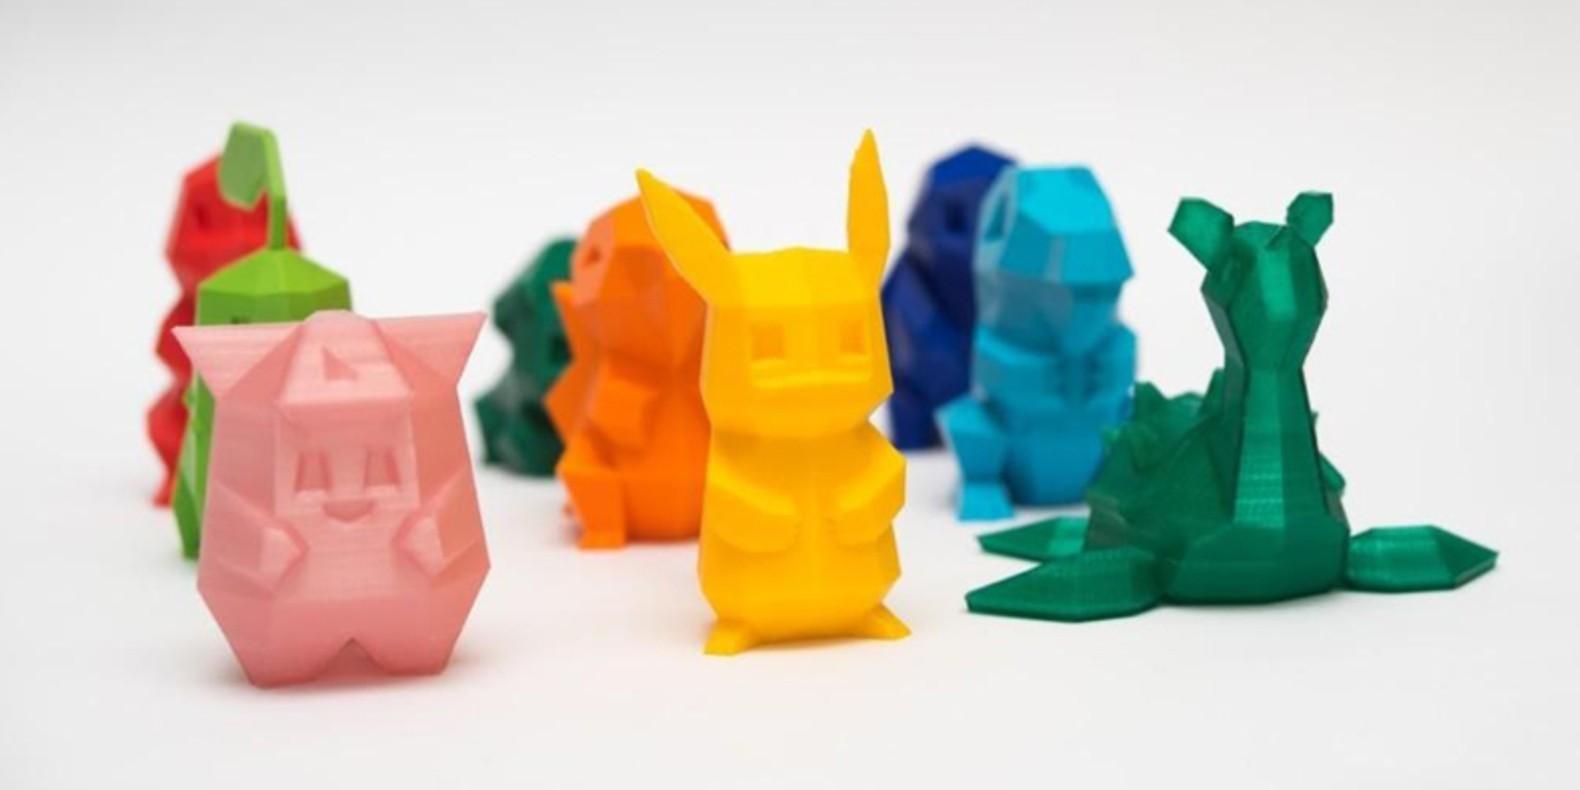 Retrouvez ici une sélection des meilleurs modèles 3D issus de l'univers Pokemon